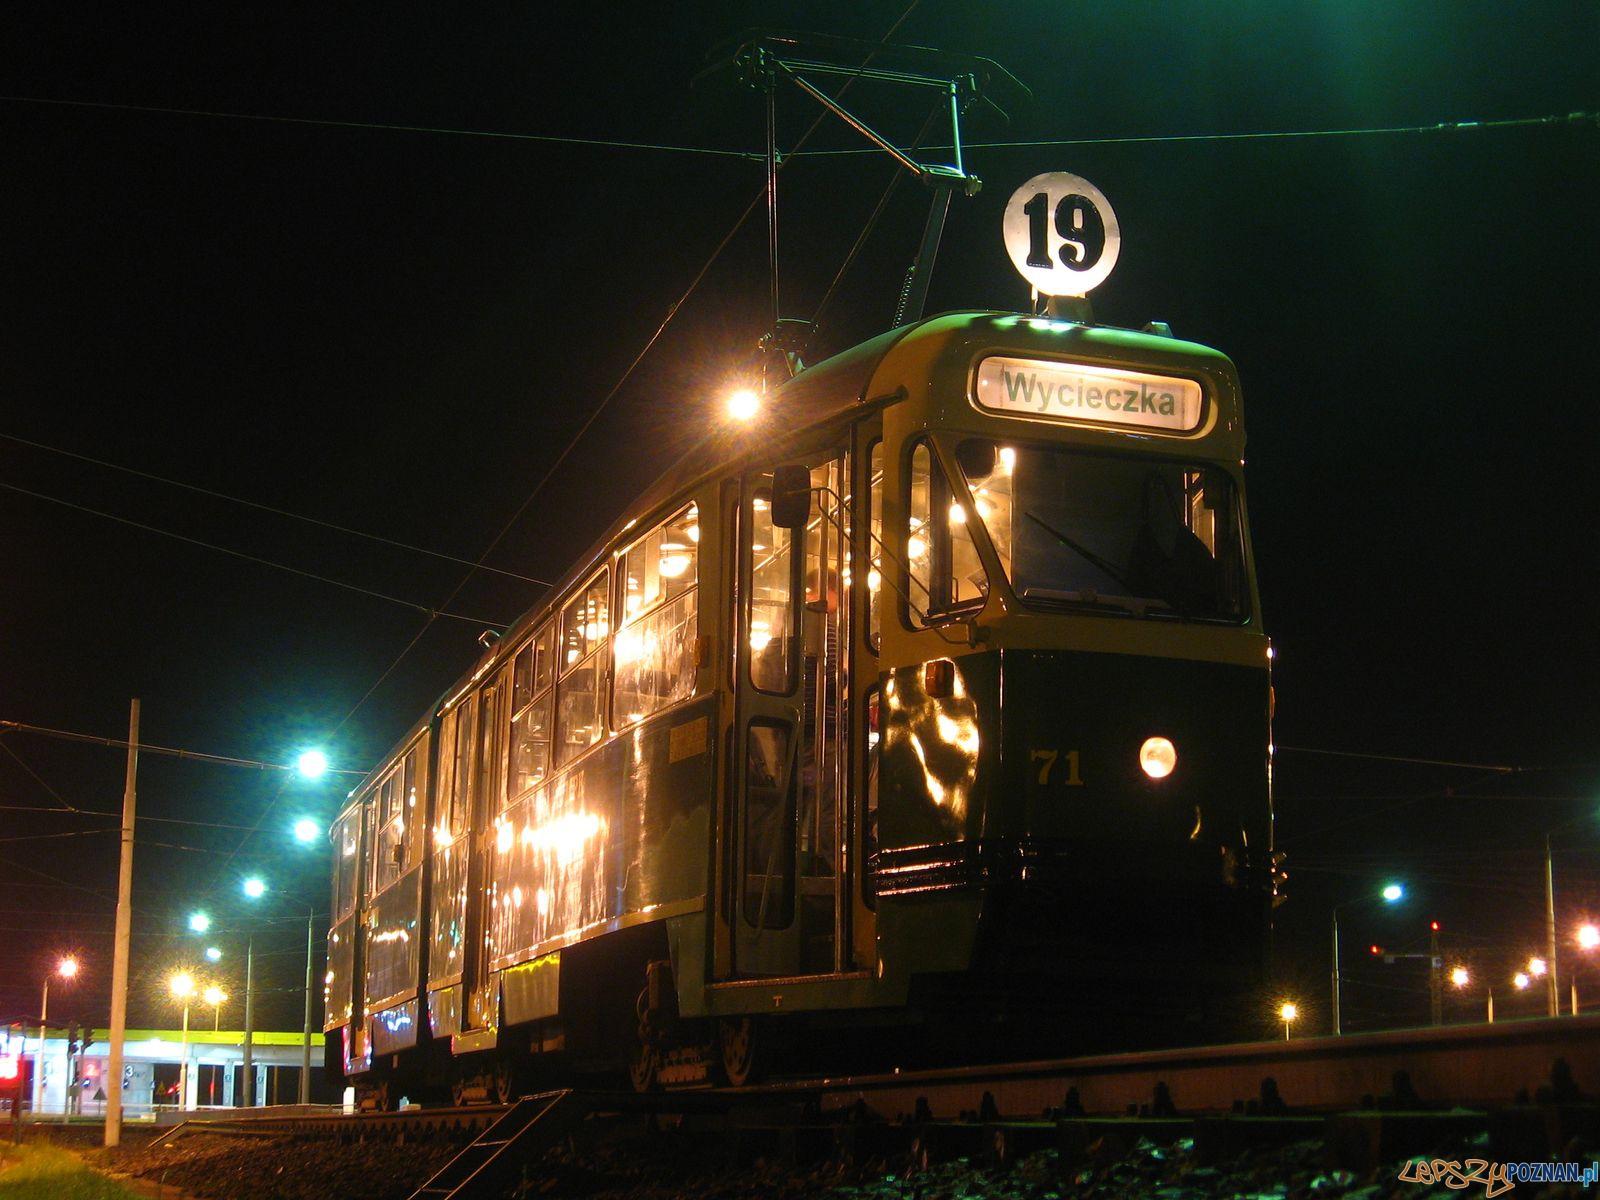 Nocny tramwaj- nocną bimbą po mieście  Foto: Błażej_Brzycki / KMPS